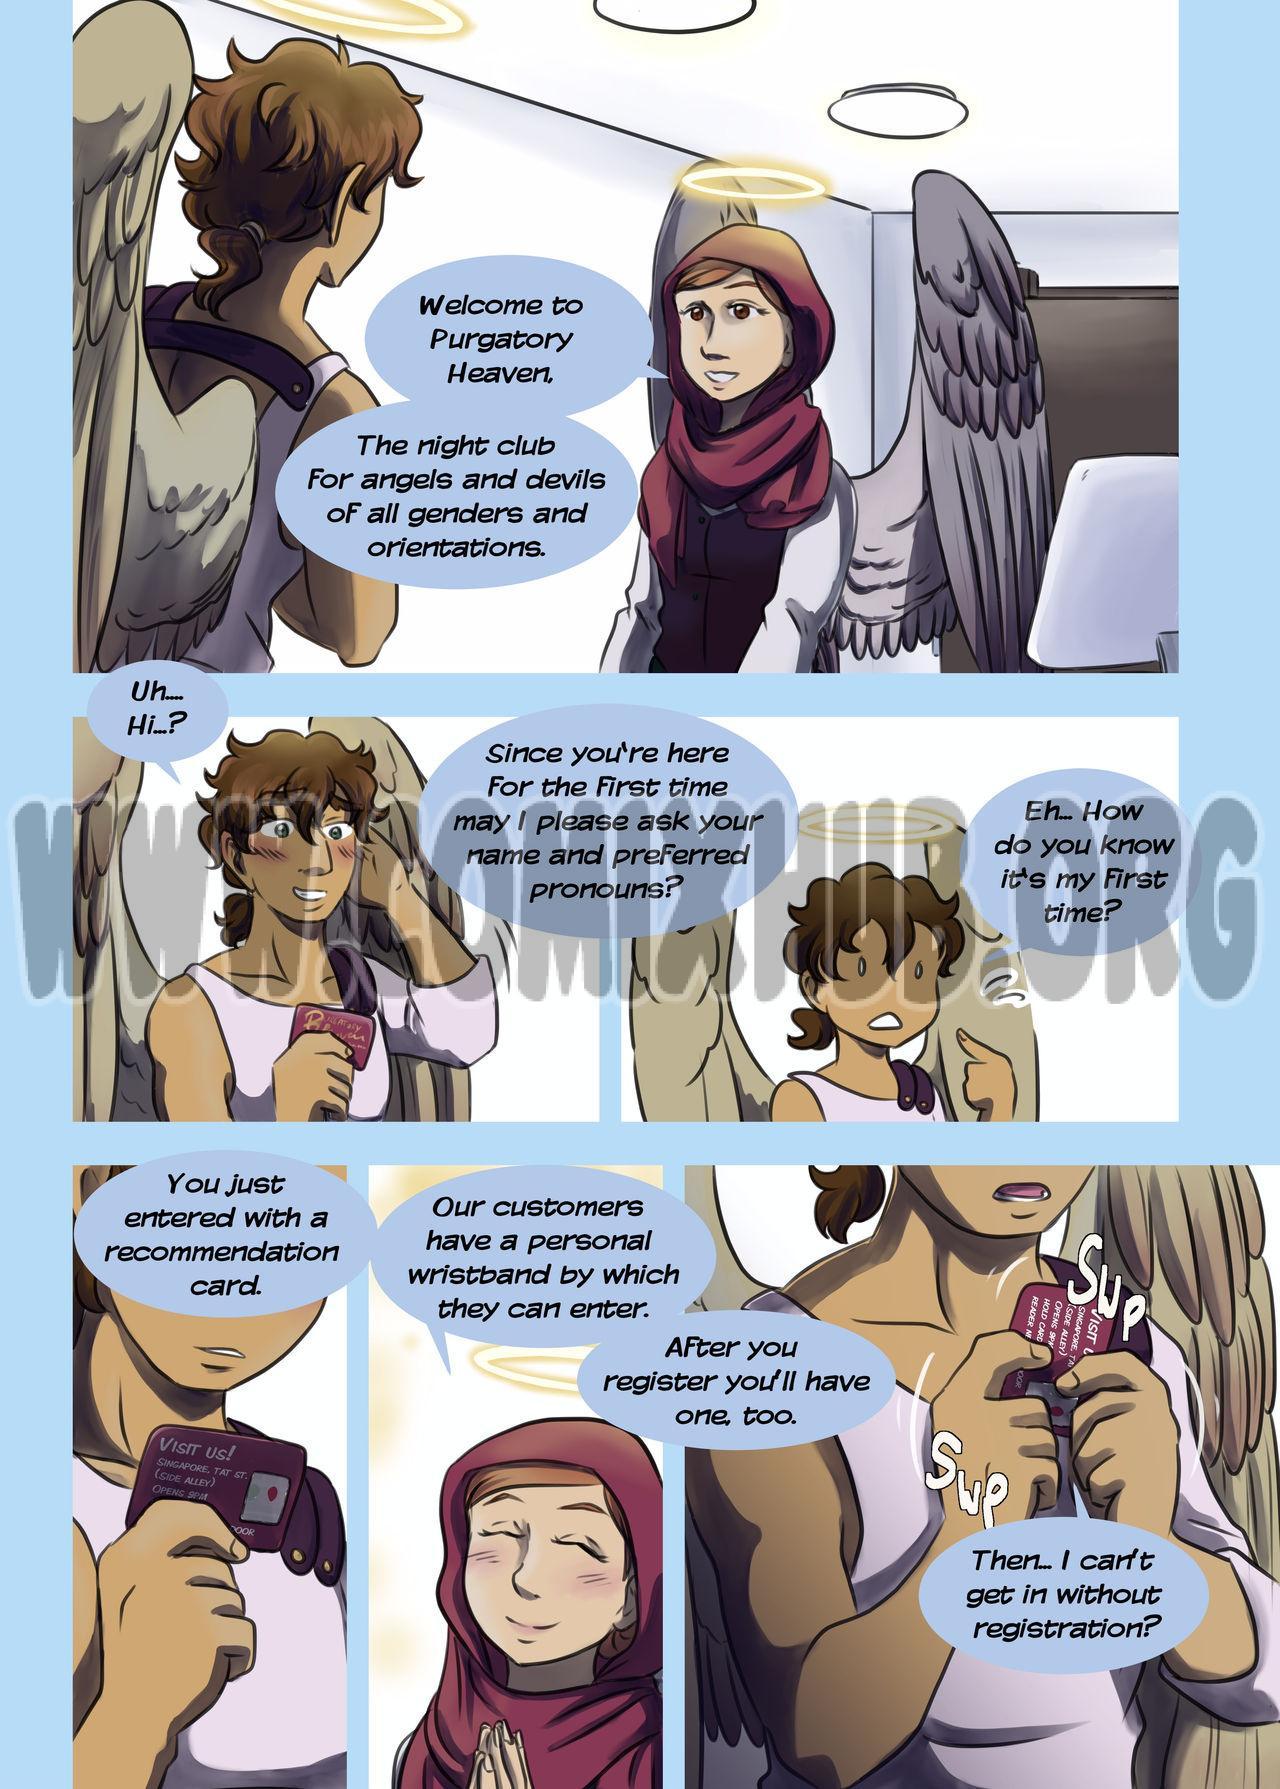 Heavenly Sin porn comics Fantasy